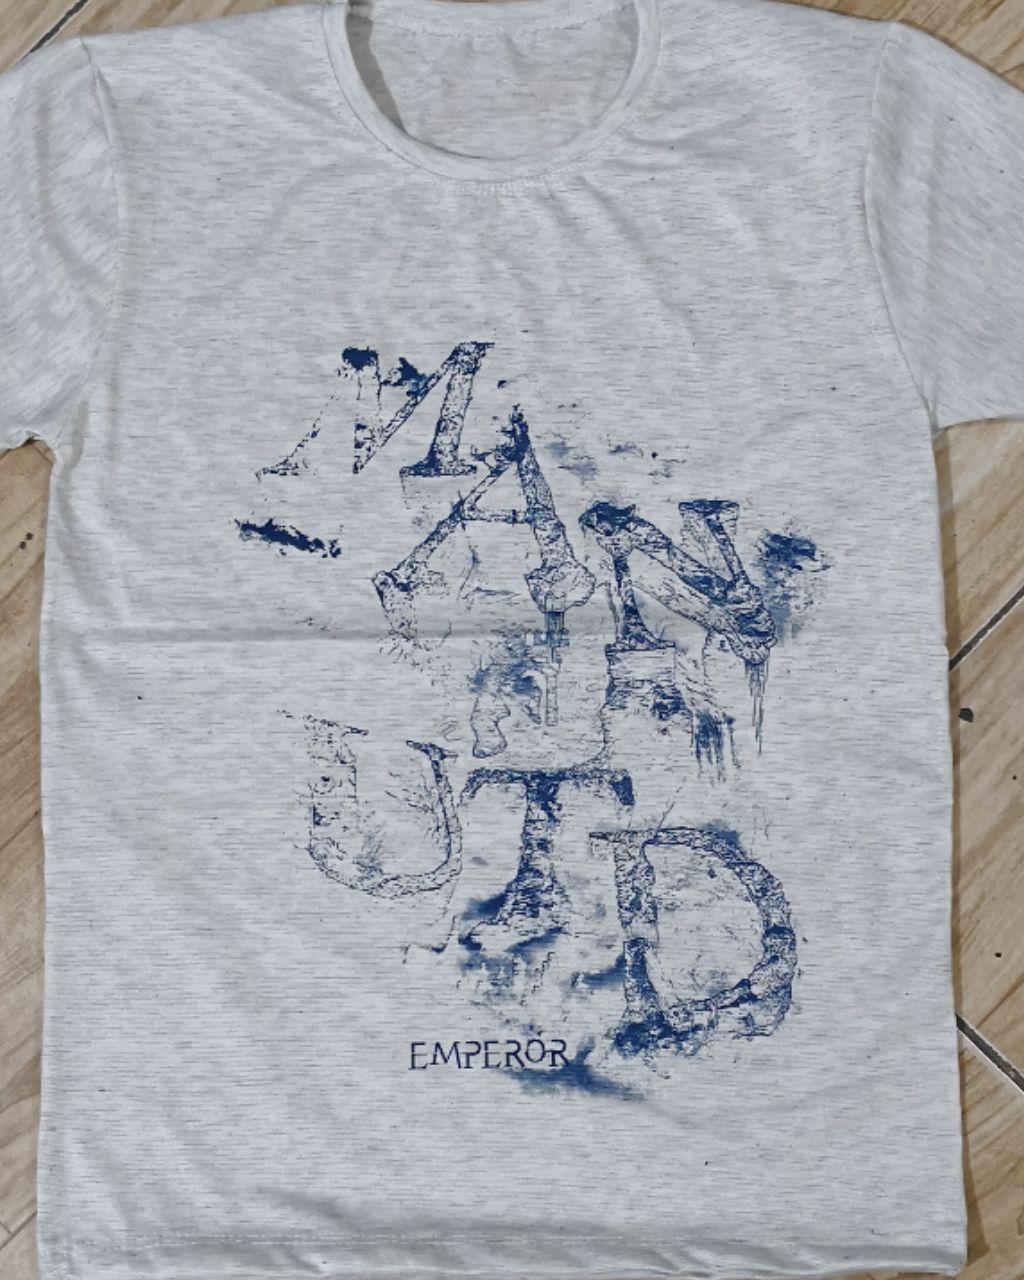 نرخ فروش تی شرت مردانه حراجی